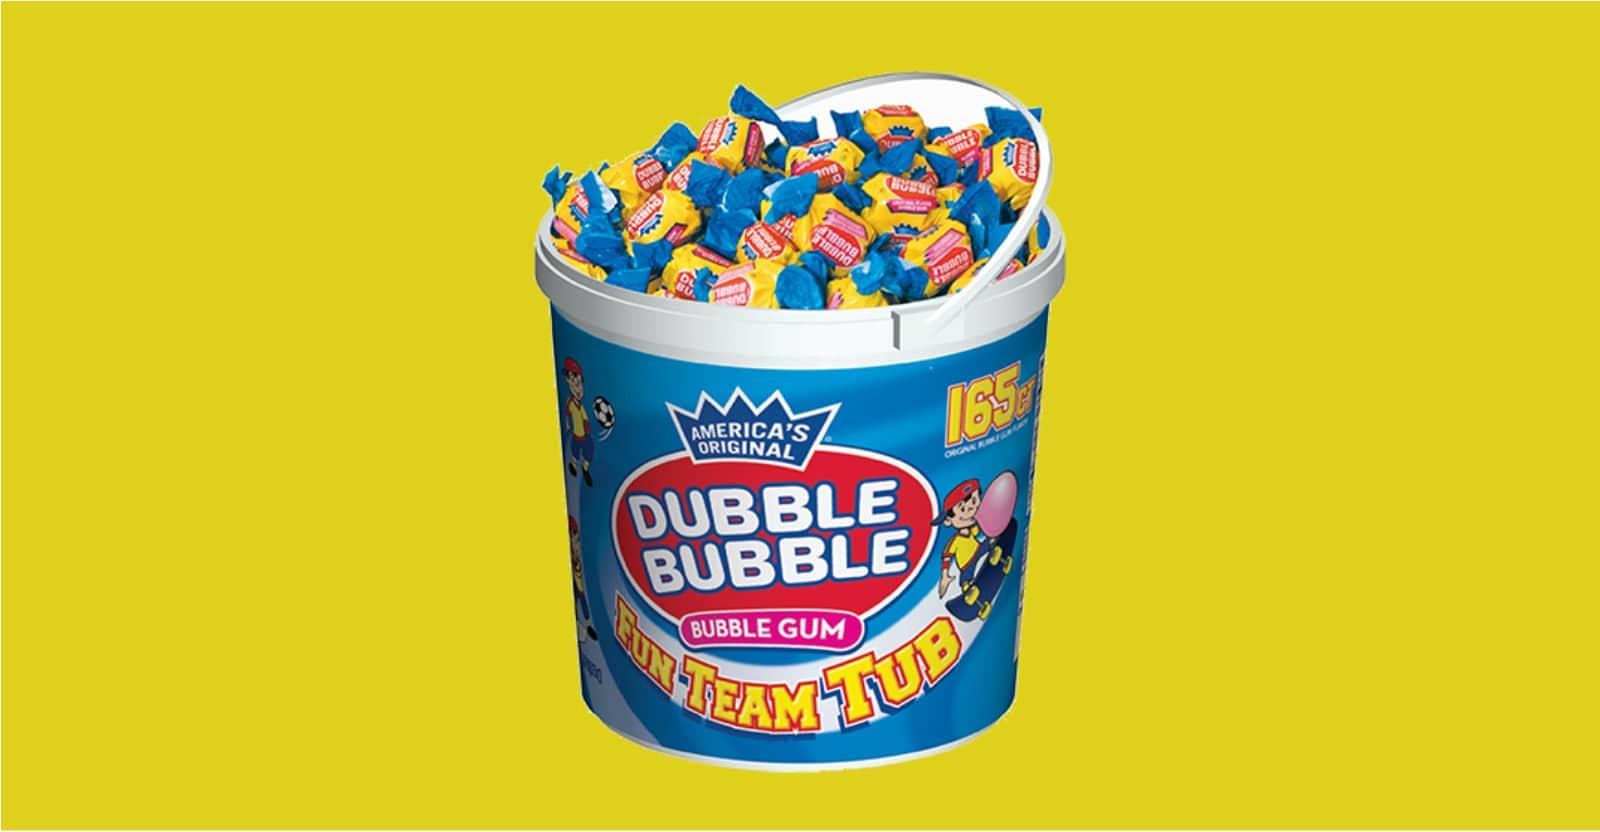 is dubble bubble gluten-free